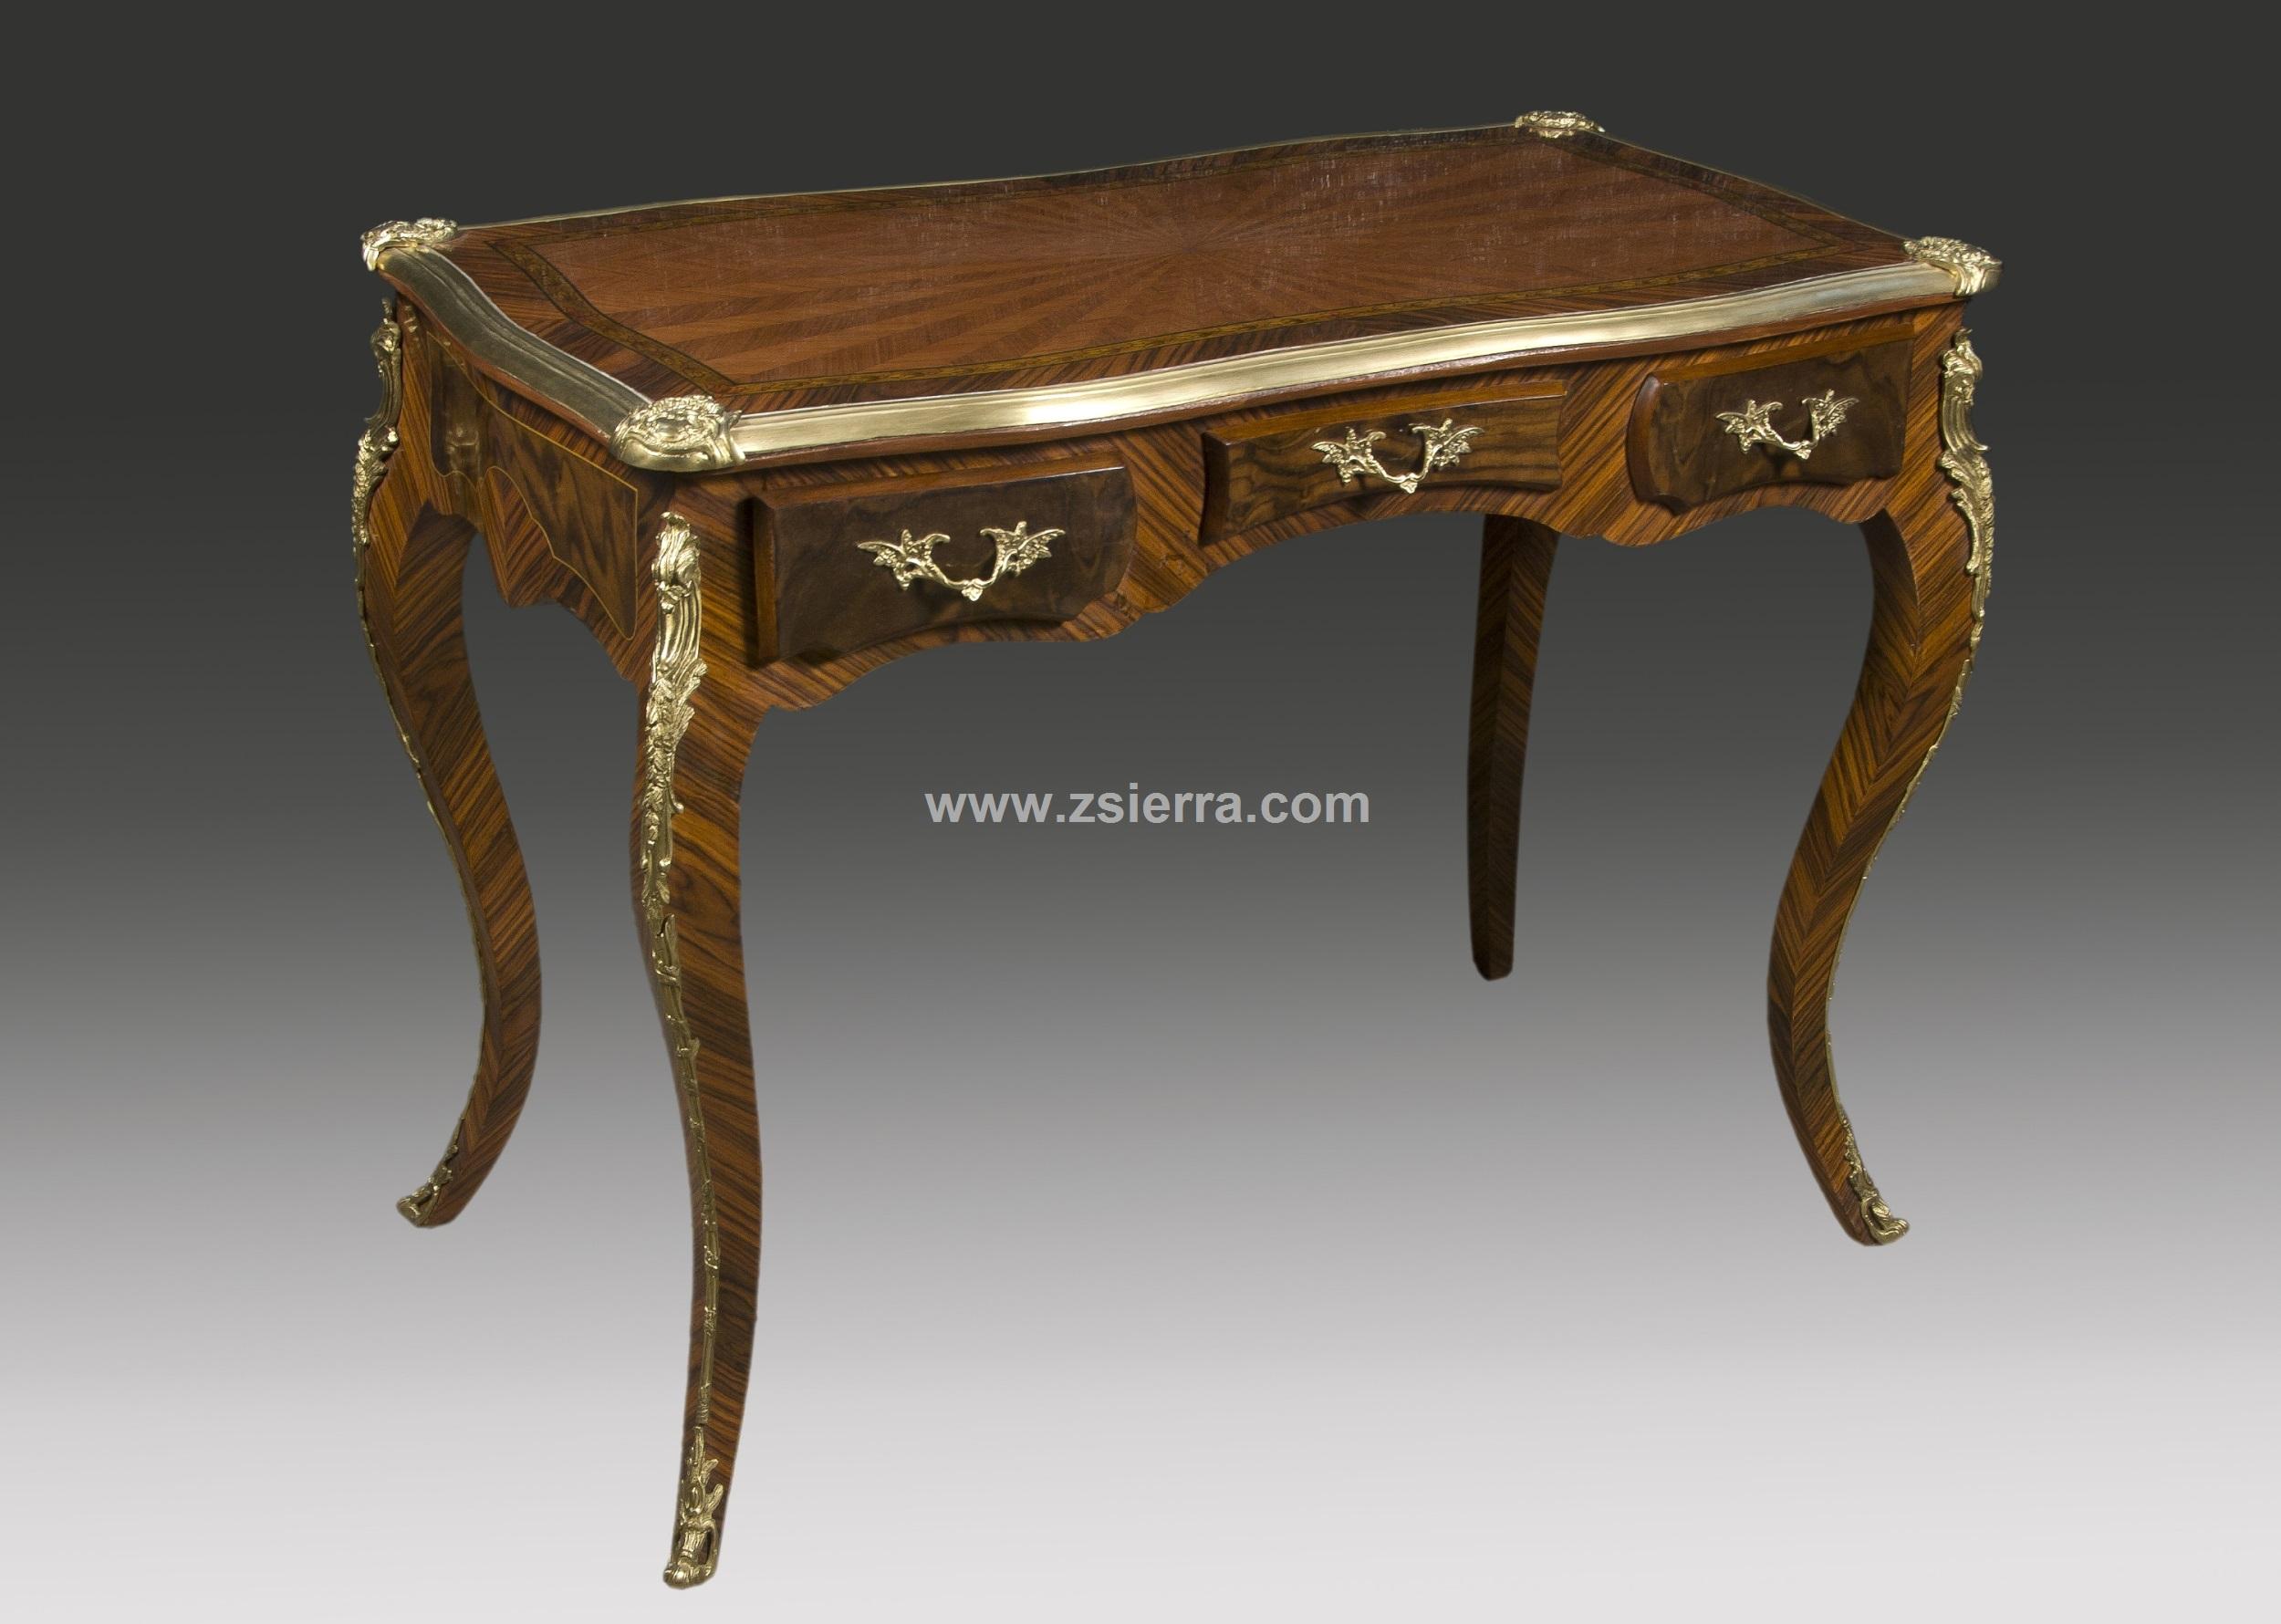 Mesa escritorio clasica mobili rebecca escritorio mesa de - Mesa escritorio clasica ...